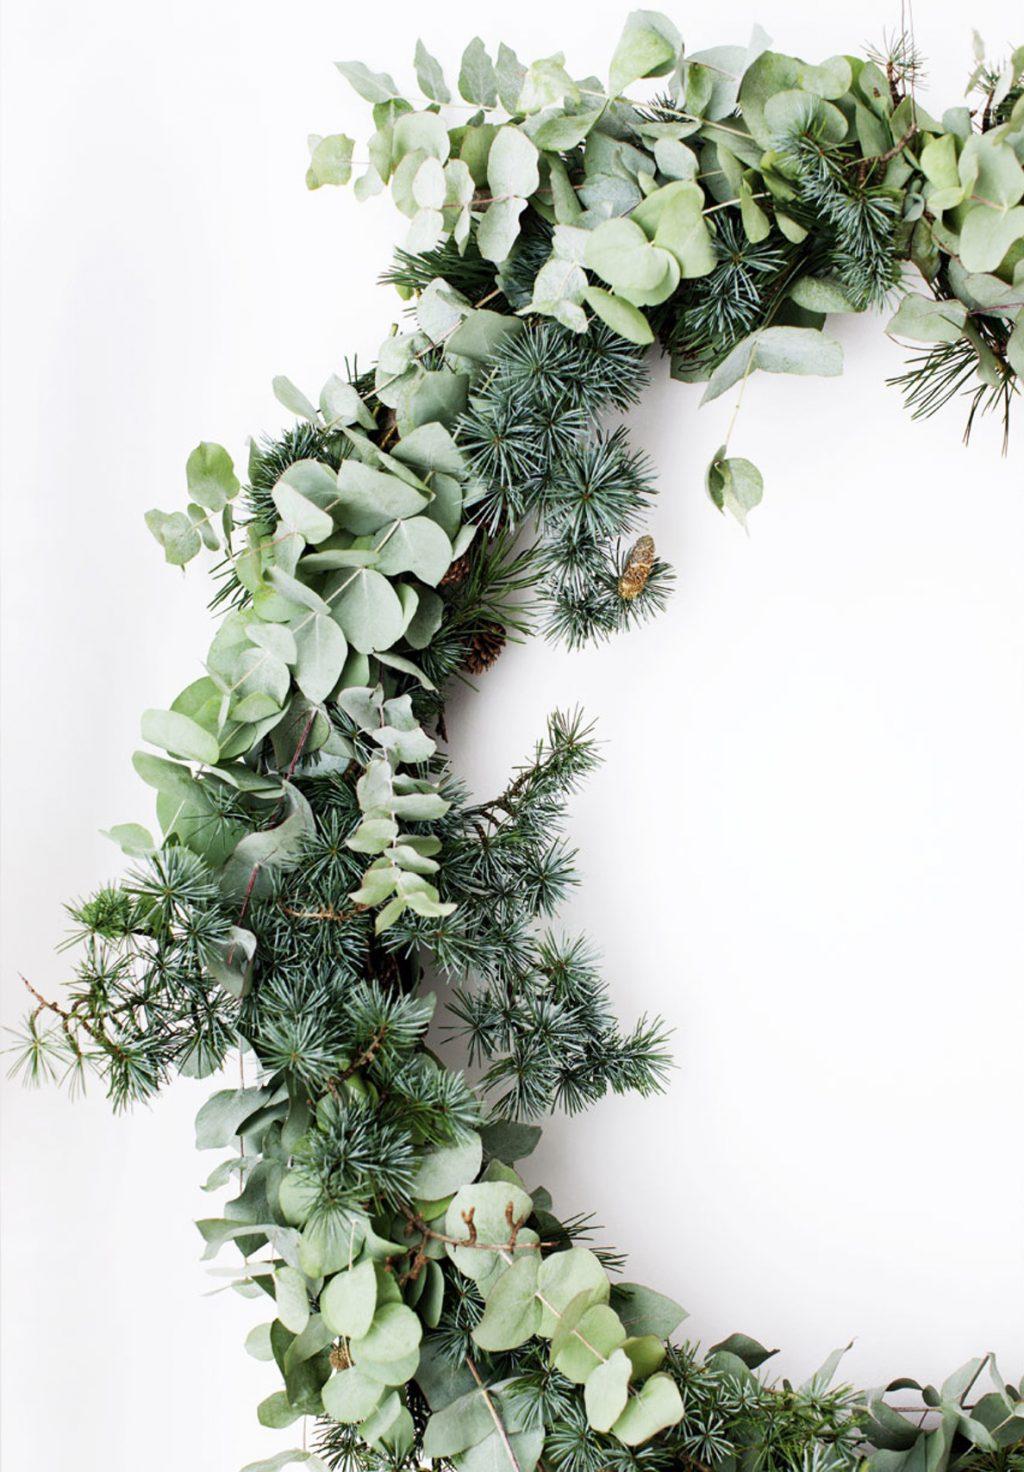 dd2ff3fe0 Zelený jesenný veniec je jednoduchý, ale pritom sofistikovane krásny.  Zdroj: Pinterest